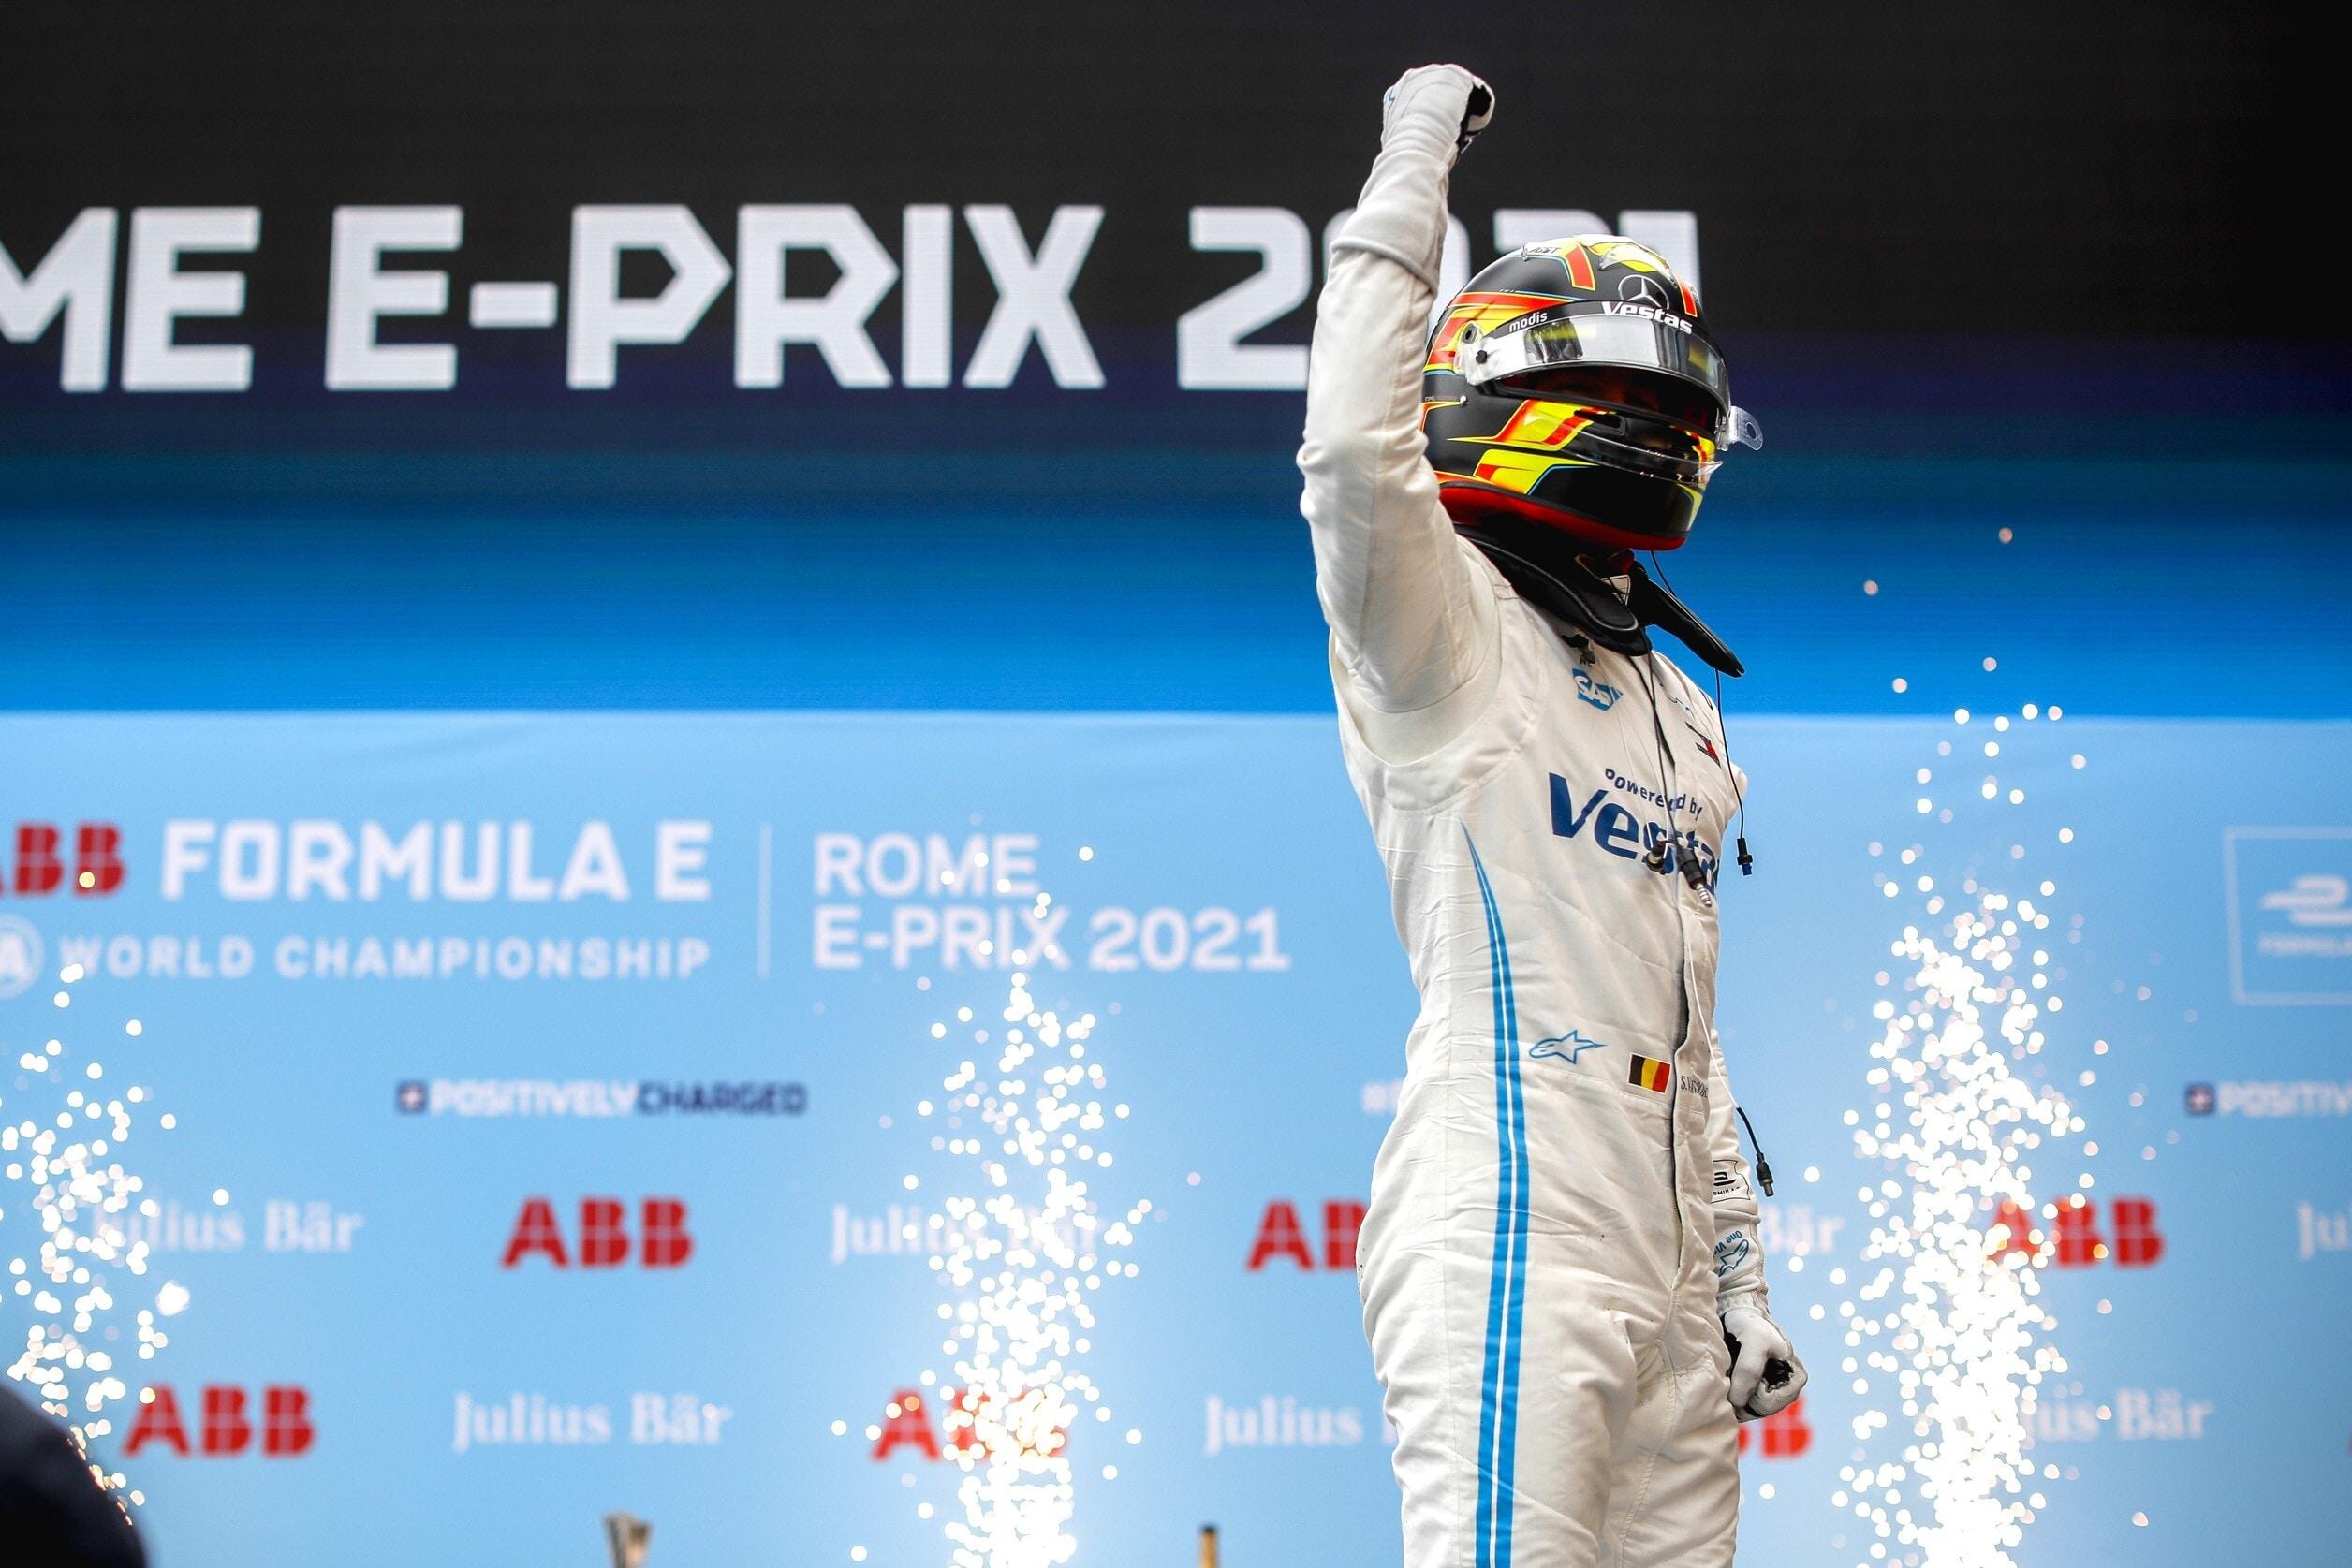 ePrix di Roma, Vandoorne e Mercedes dominano gara 2